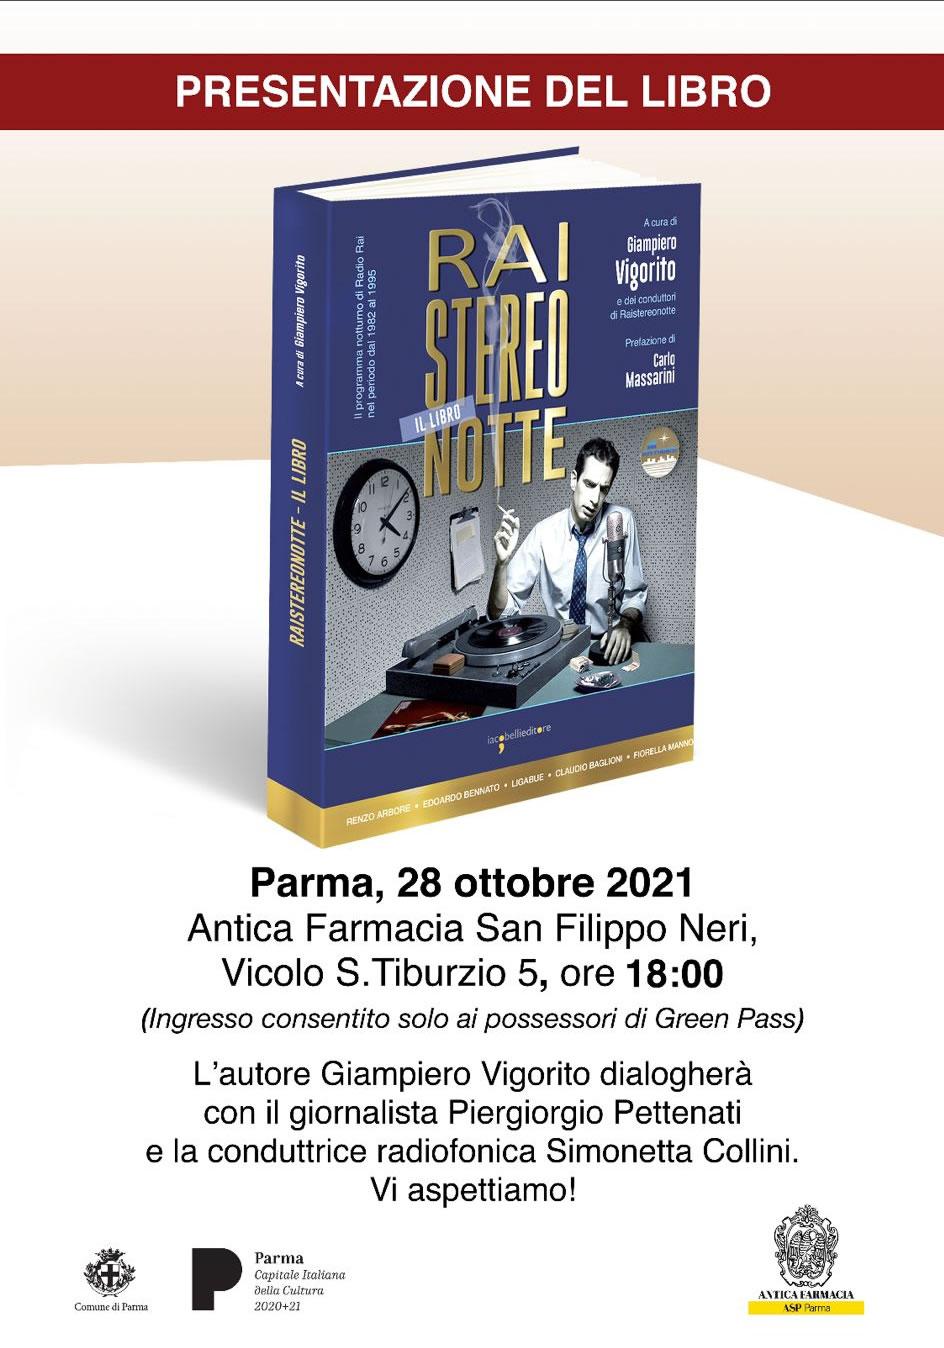 Raistereonotte. Presentazione a Parma @ (PR) Antica Farmacia San Filippo Neri